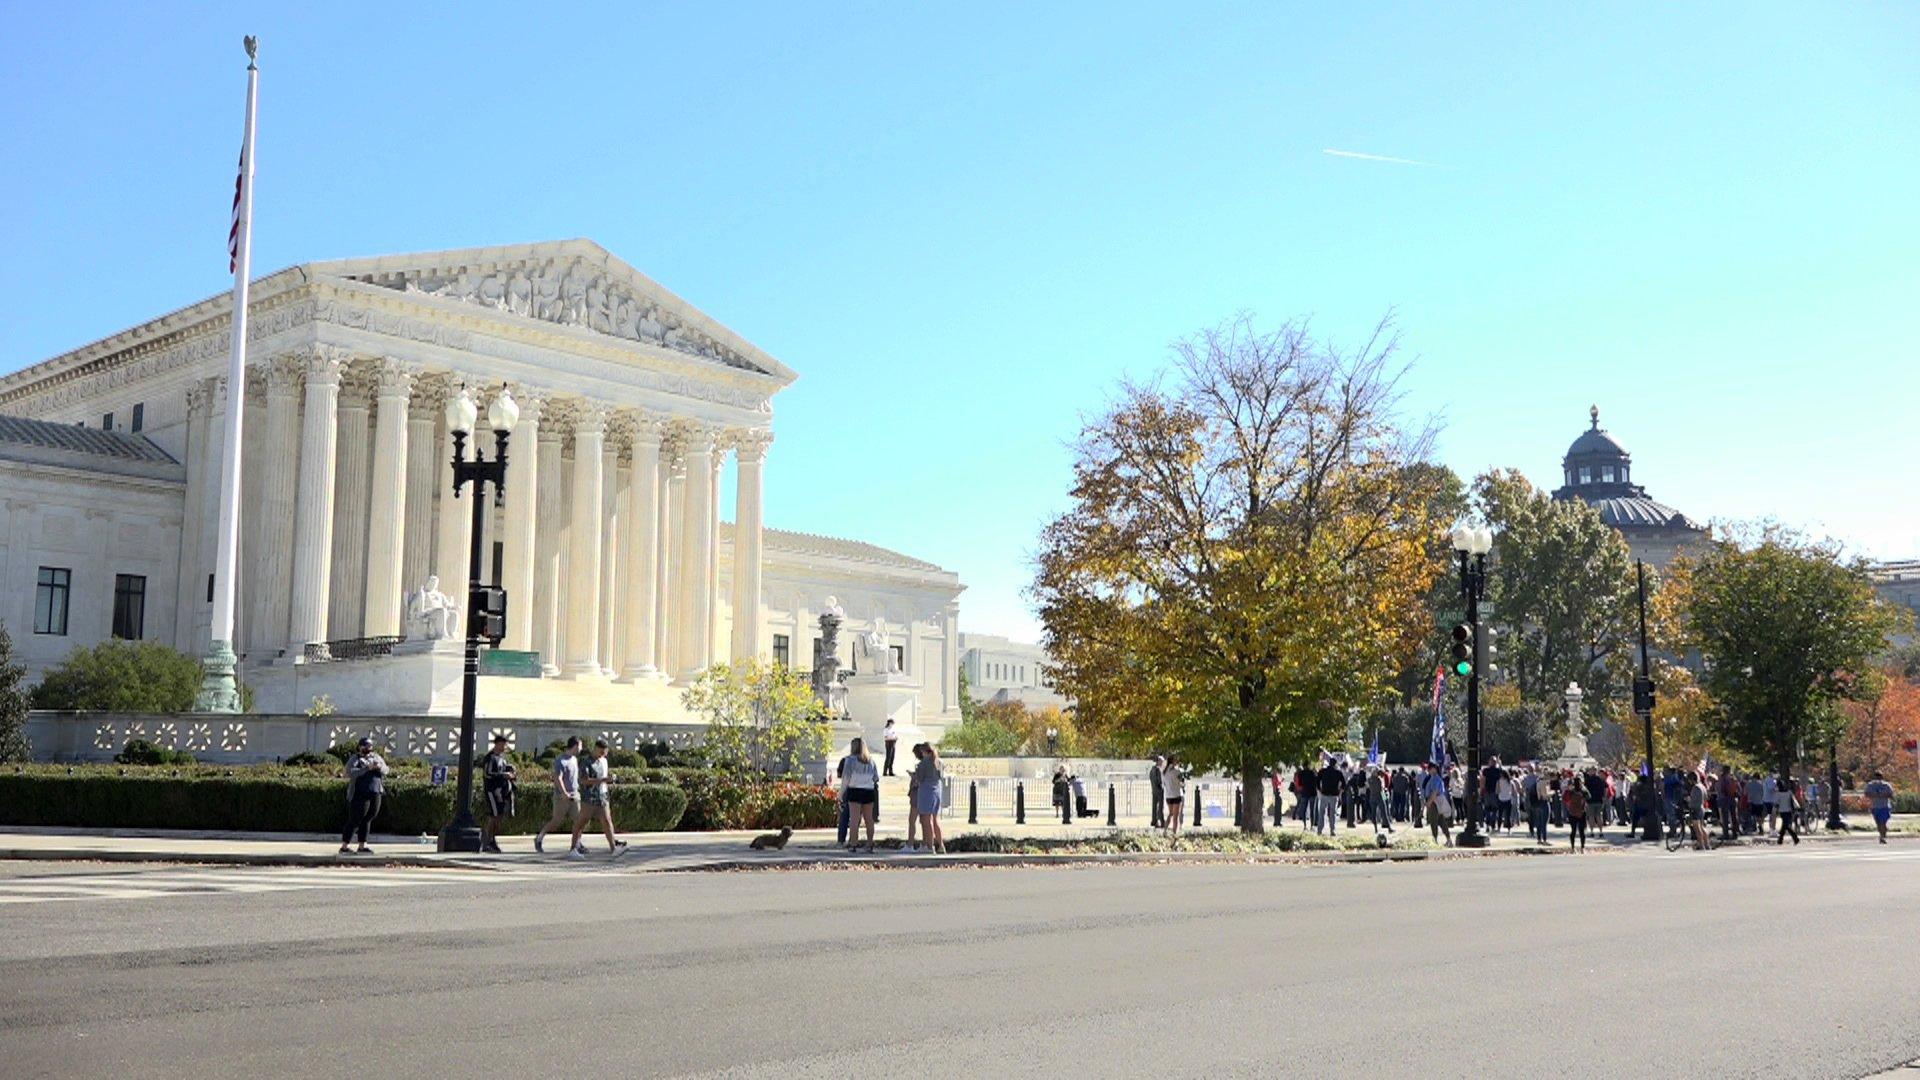 2020年11月7日,美國大華府地區上名百民眾,在美國聯邦最高法院前集會,要求「停止竊選」,呼籲高院做出正確裁決。(方明/大紀元)